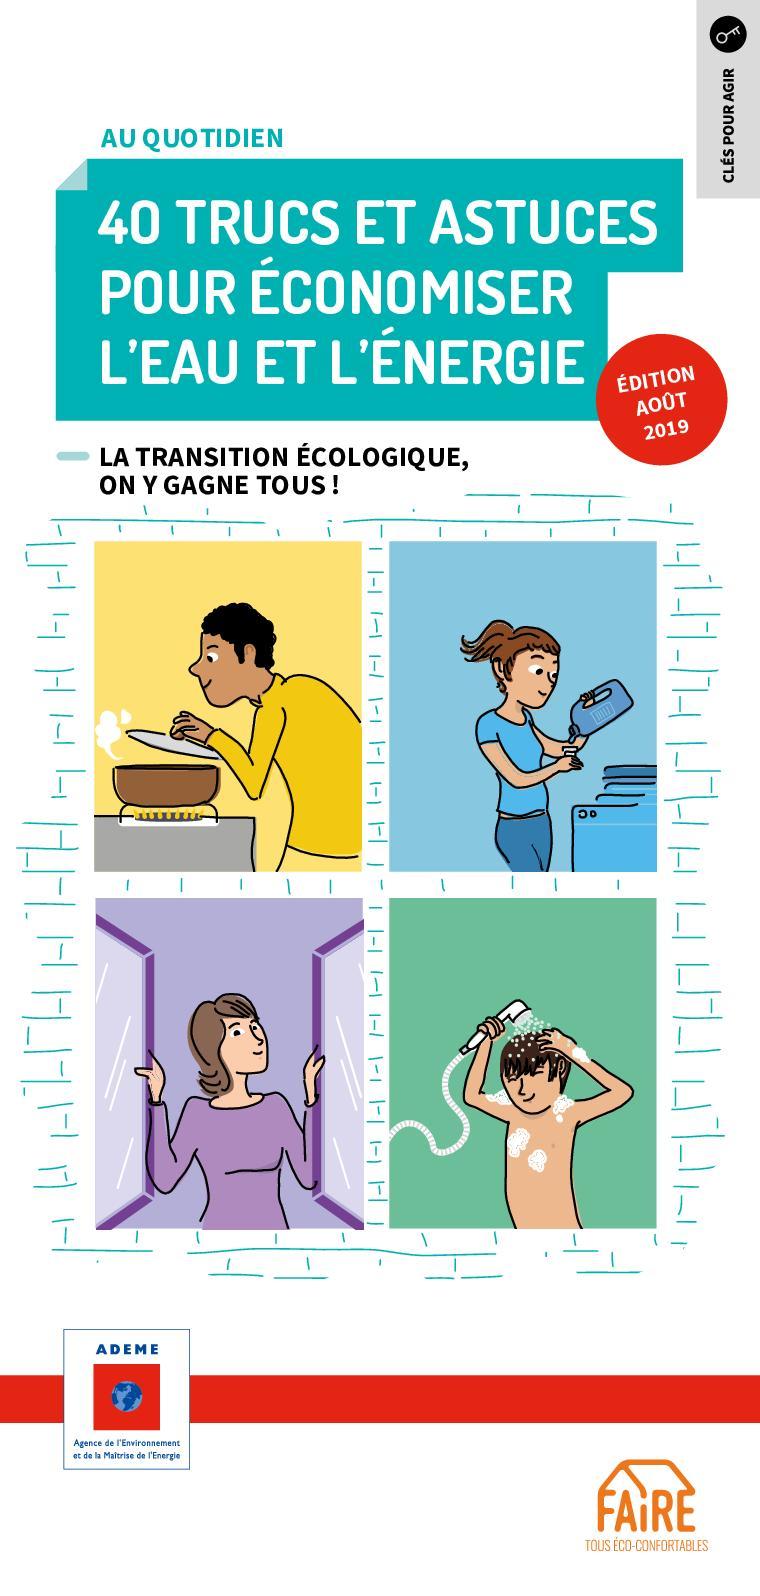 Comment Économiser L Eau Au Quotidien calaméo - guide pratique economiser eau energiechezsoi